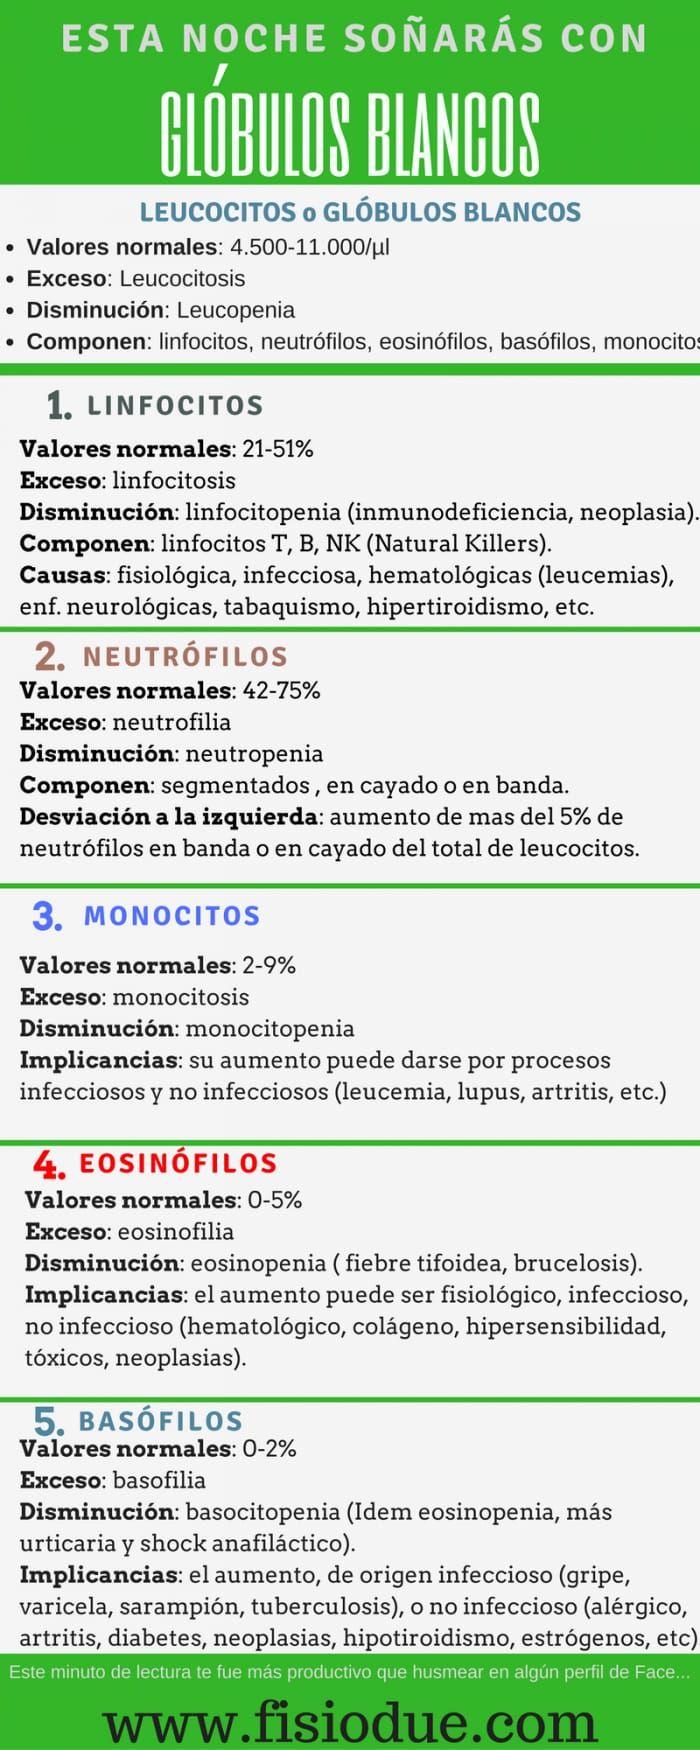 valores normales de globulos blancos en embarazadas